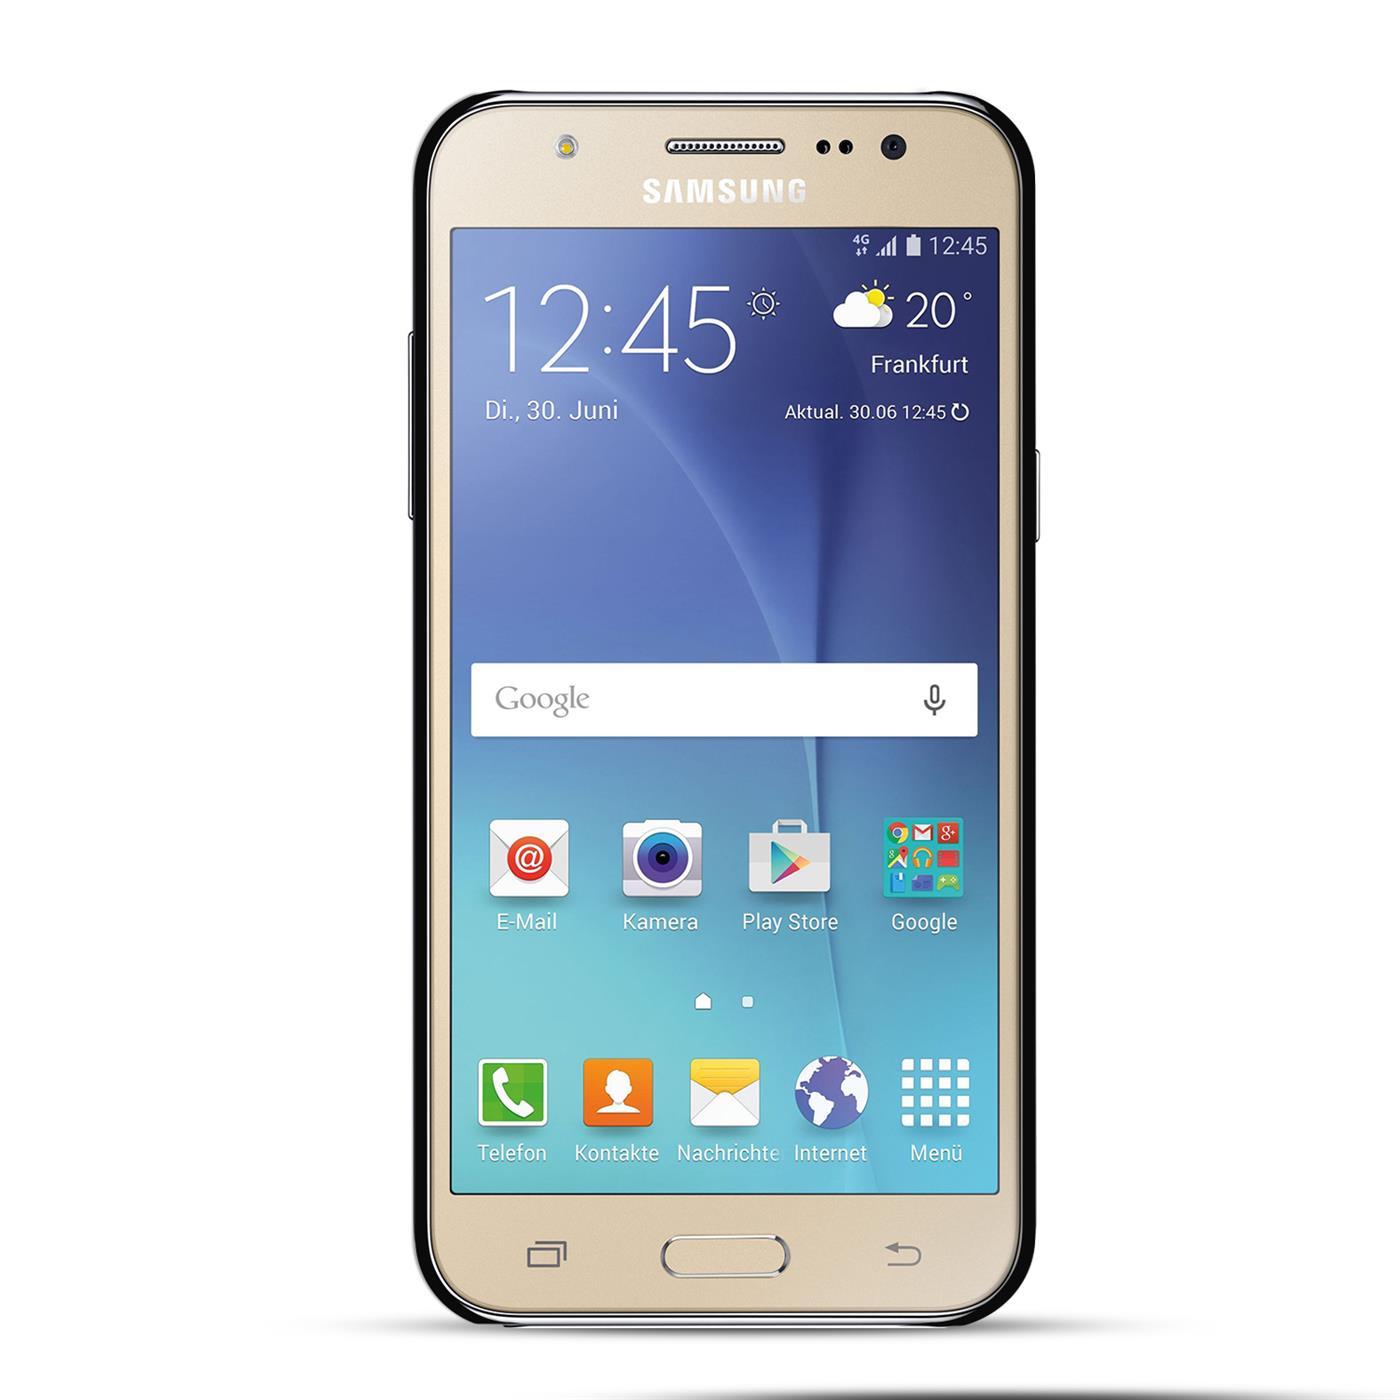 Samsung Handy Kundendienst